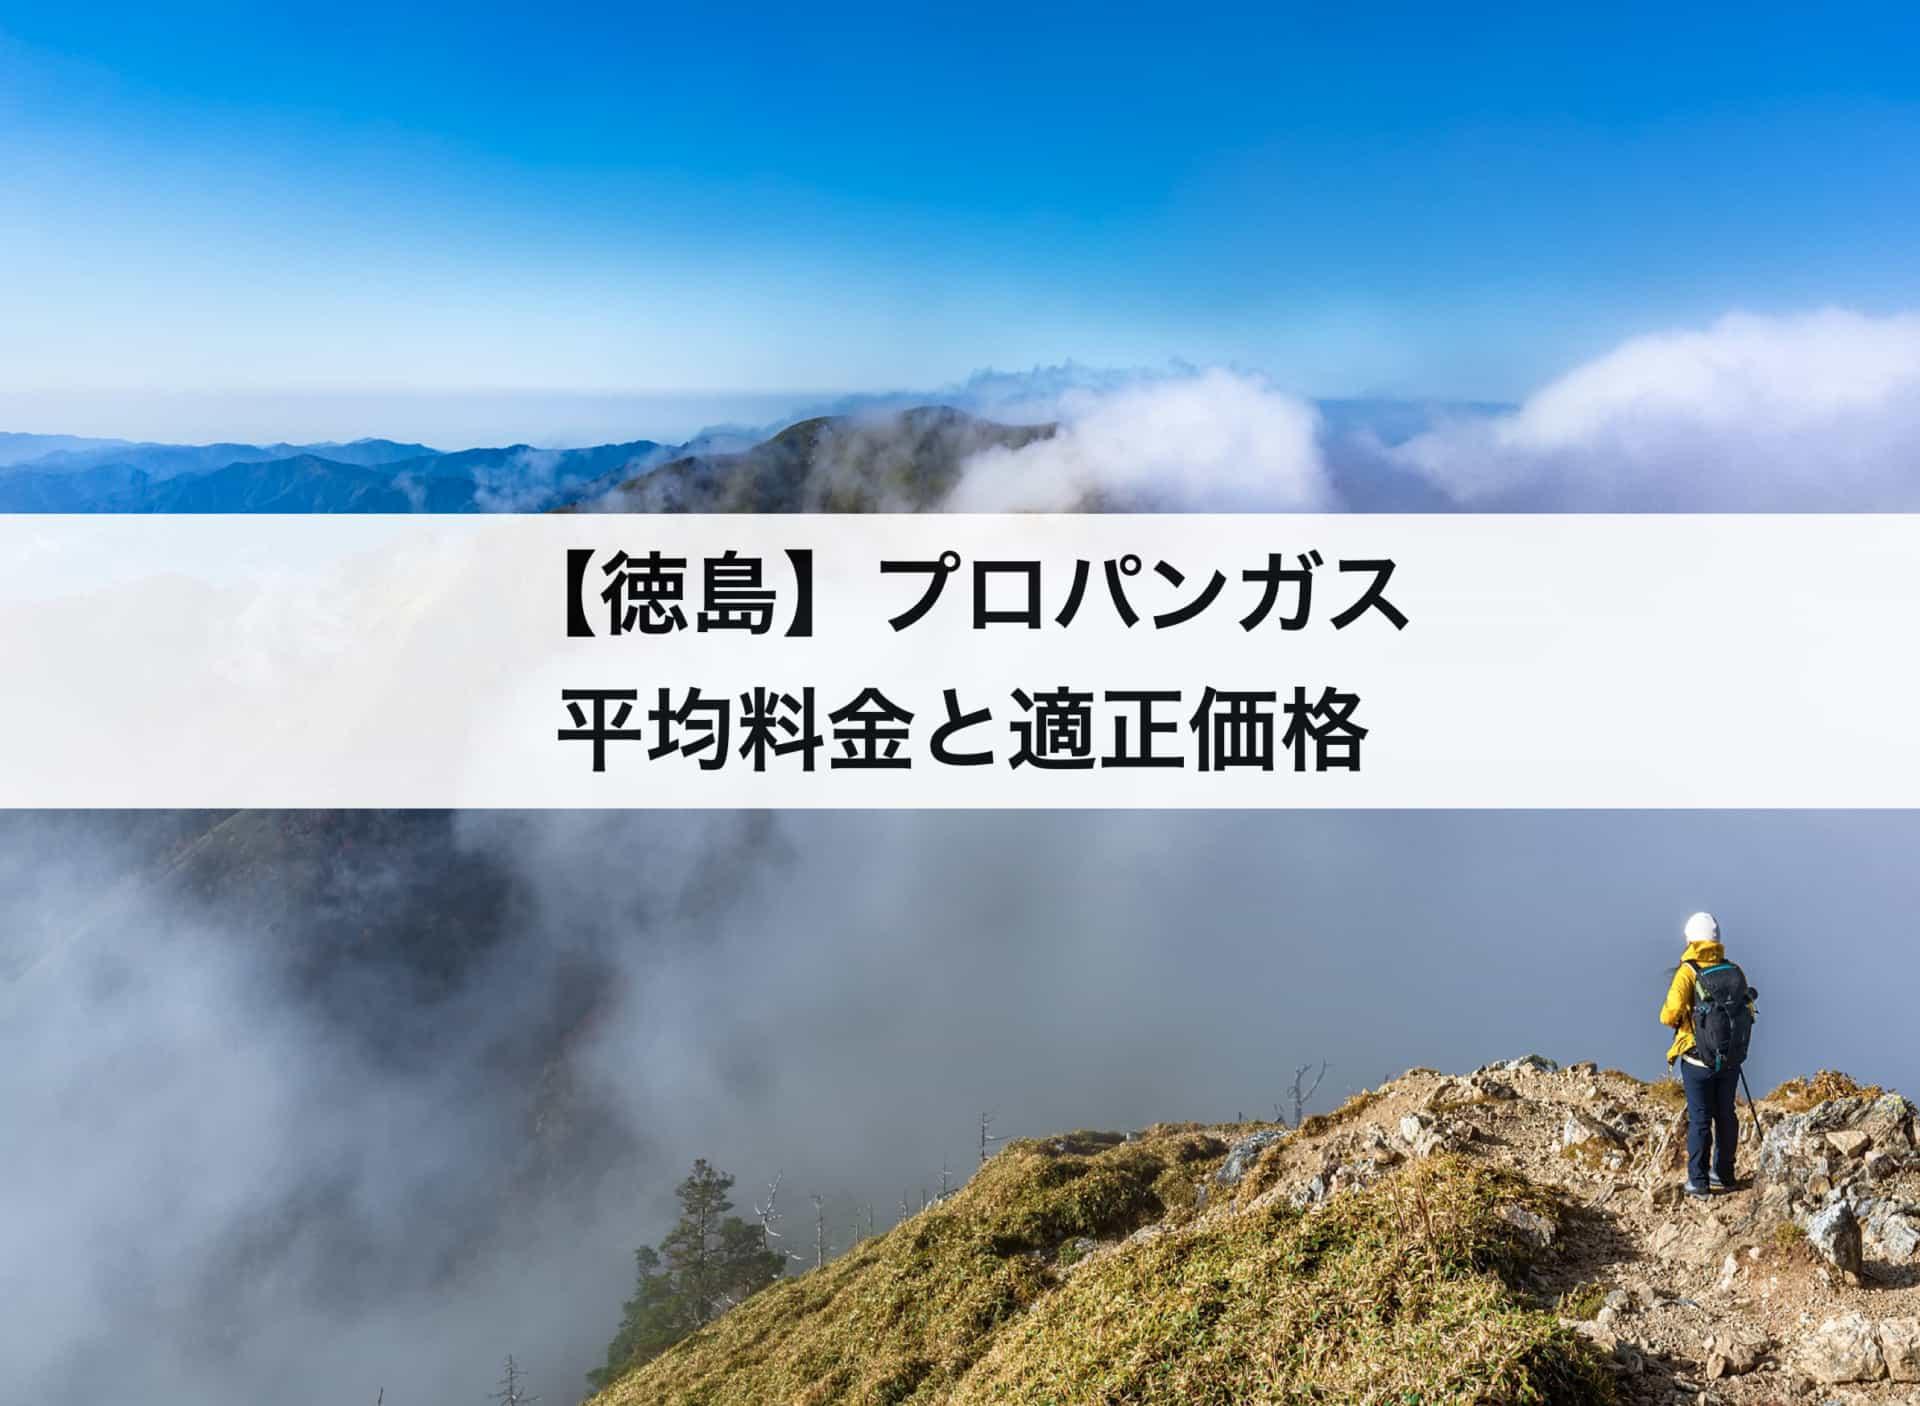 【徳島】プロパンガス(LPガス)の平均料金と適正価格|安く利用できるガス会社は?